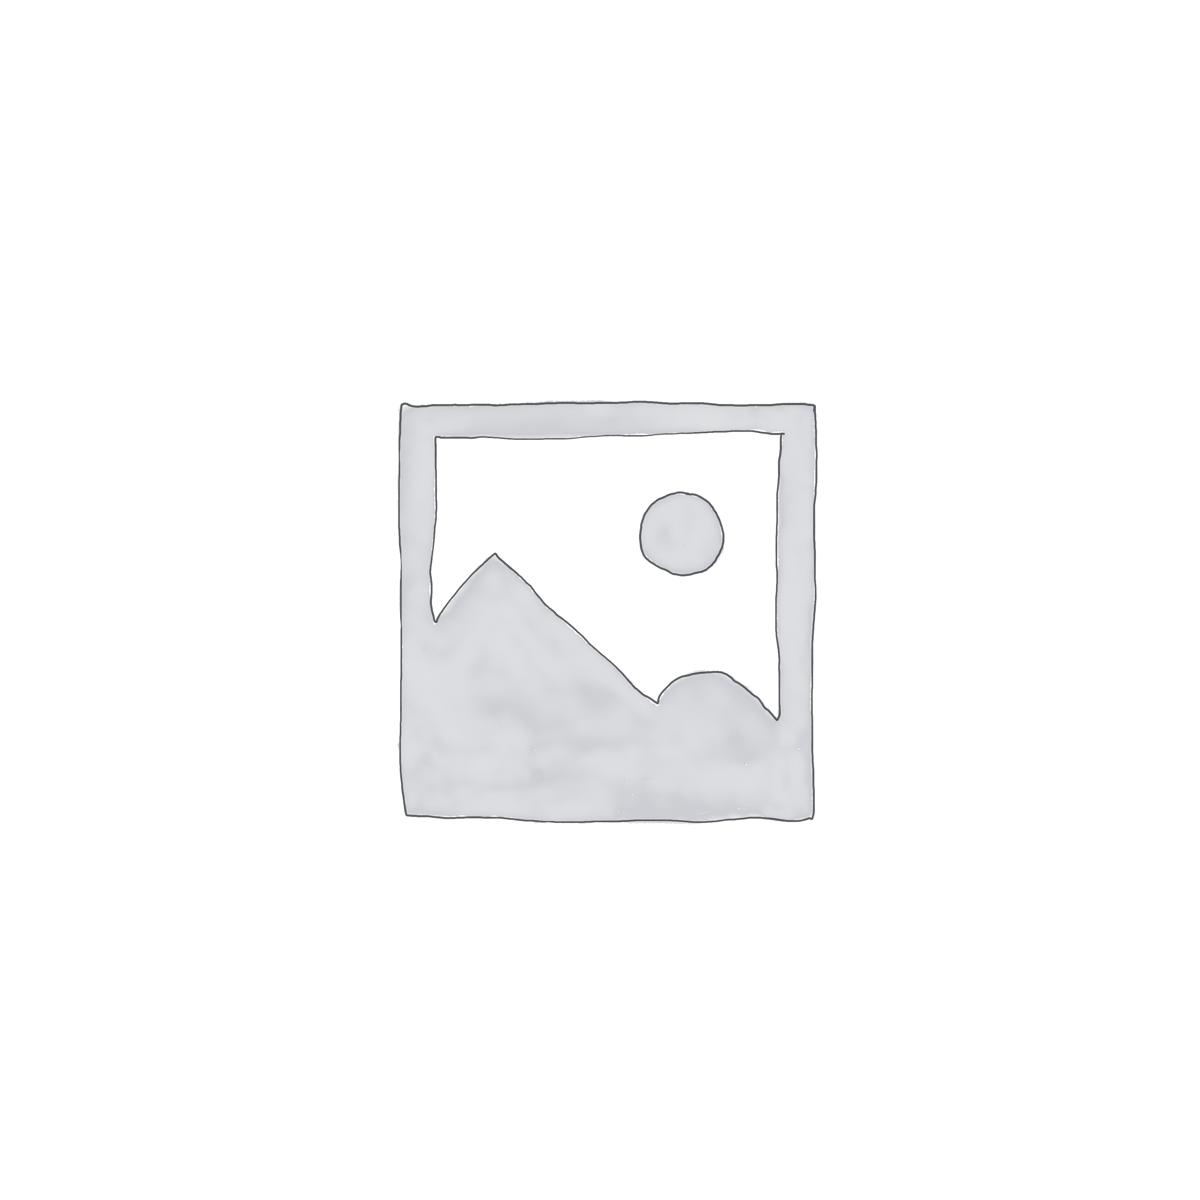 Portafolios y portalaptops